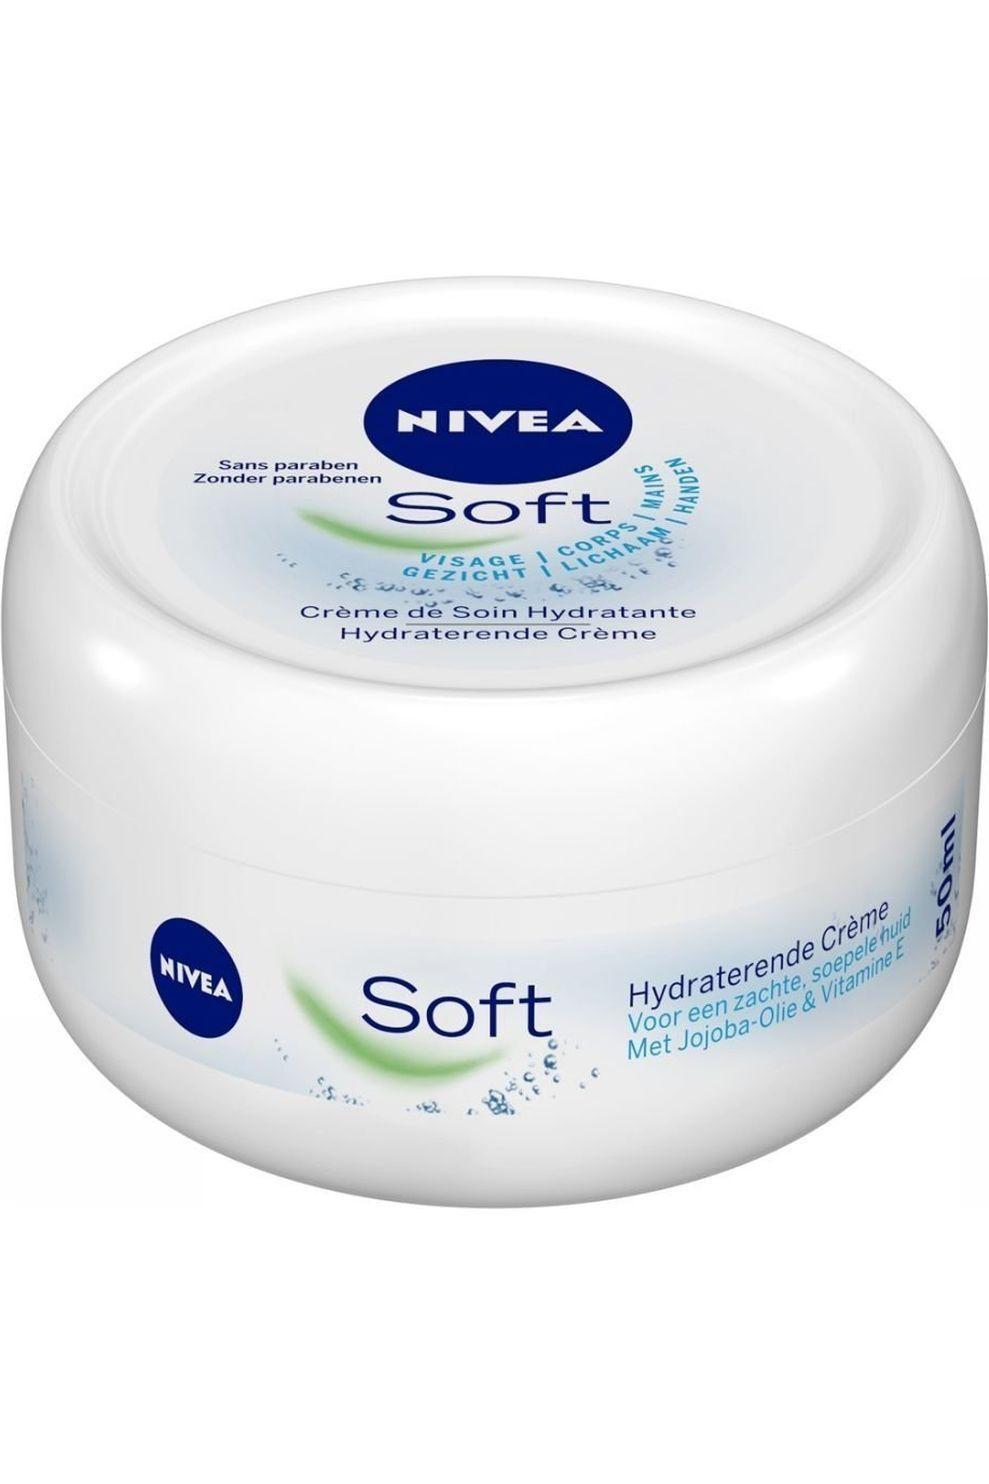 NIVEA Crème Mini Soft 50ML voor dames - - Transparant